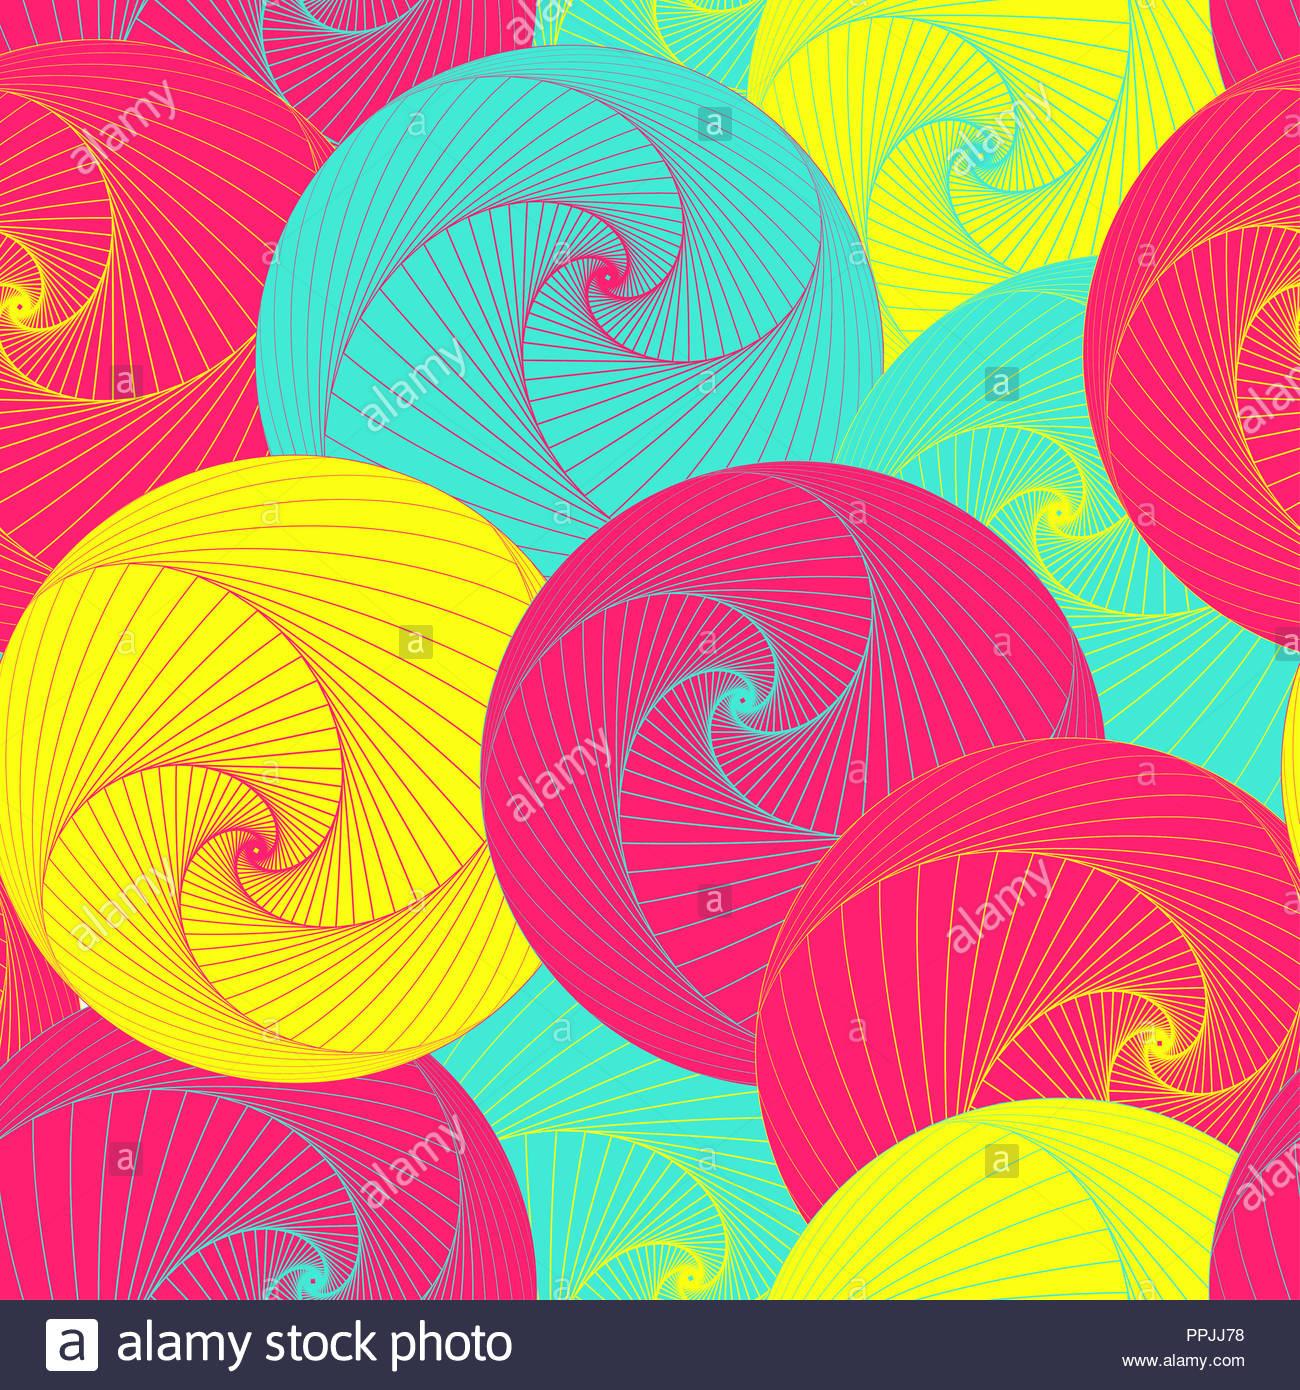 graphic vortex balls seamless pattern in pop shades - Stock Image